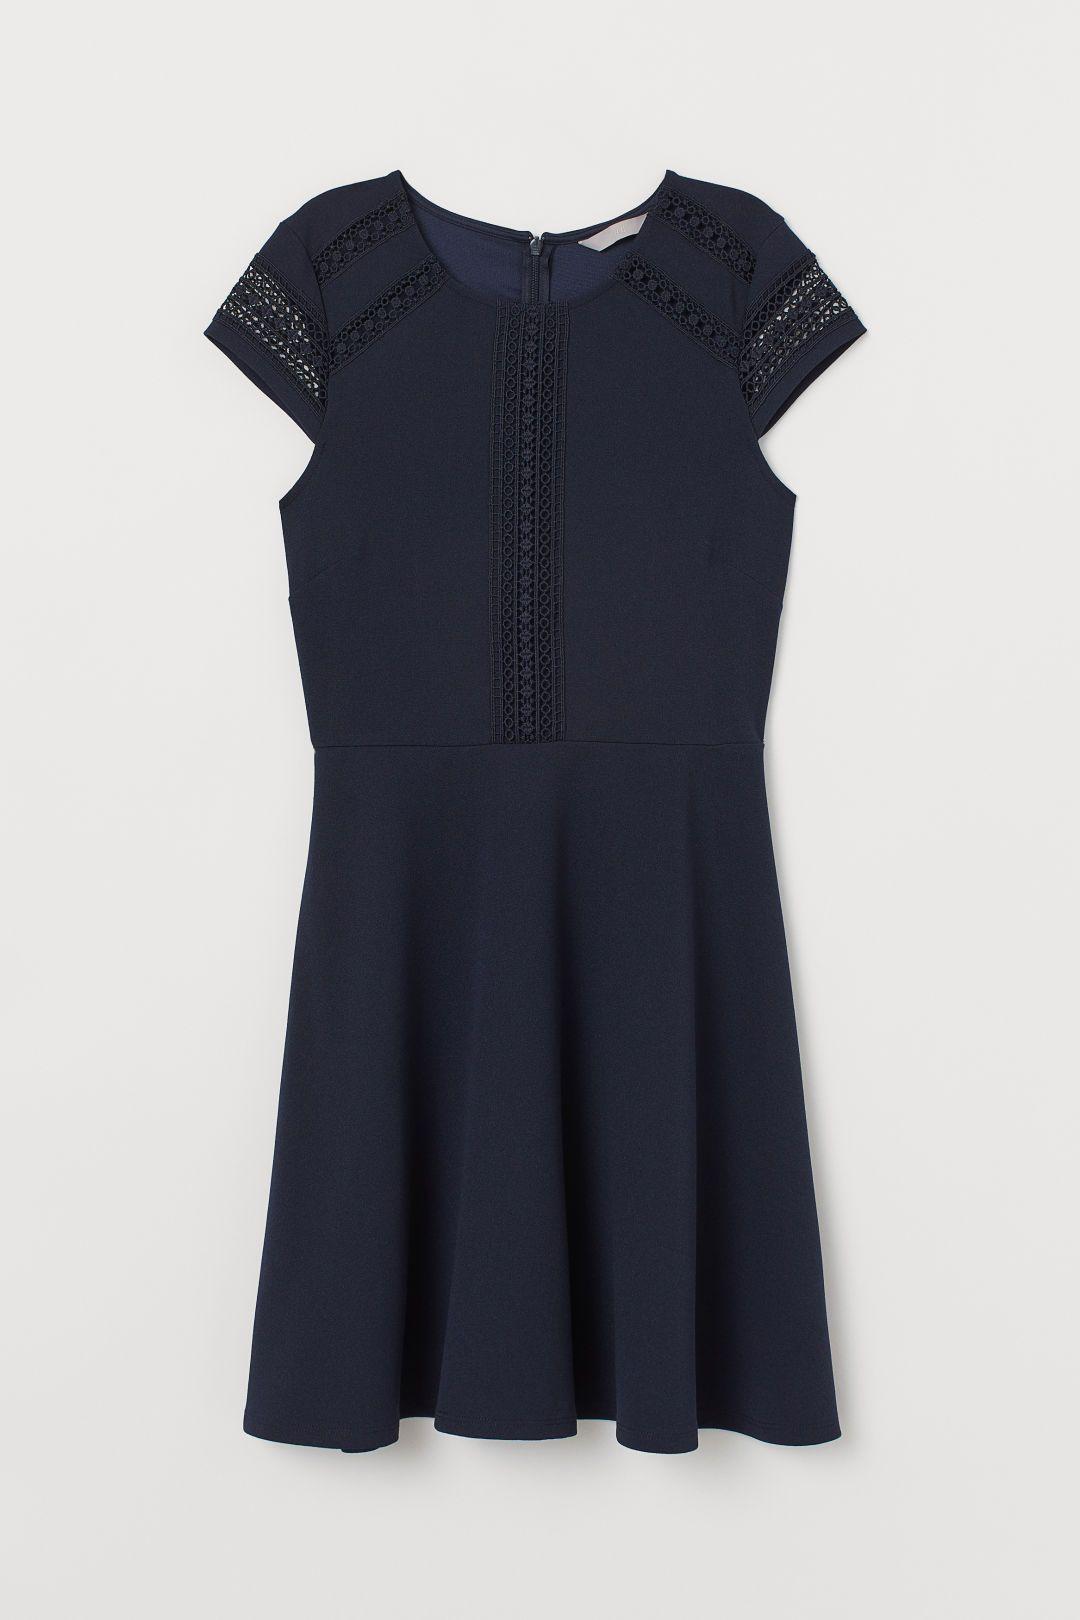 Kleid mit Spitzeneinsätzen  Kleider, Dunkelblaues kleid, Lässige